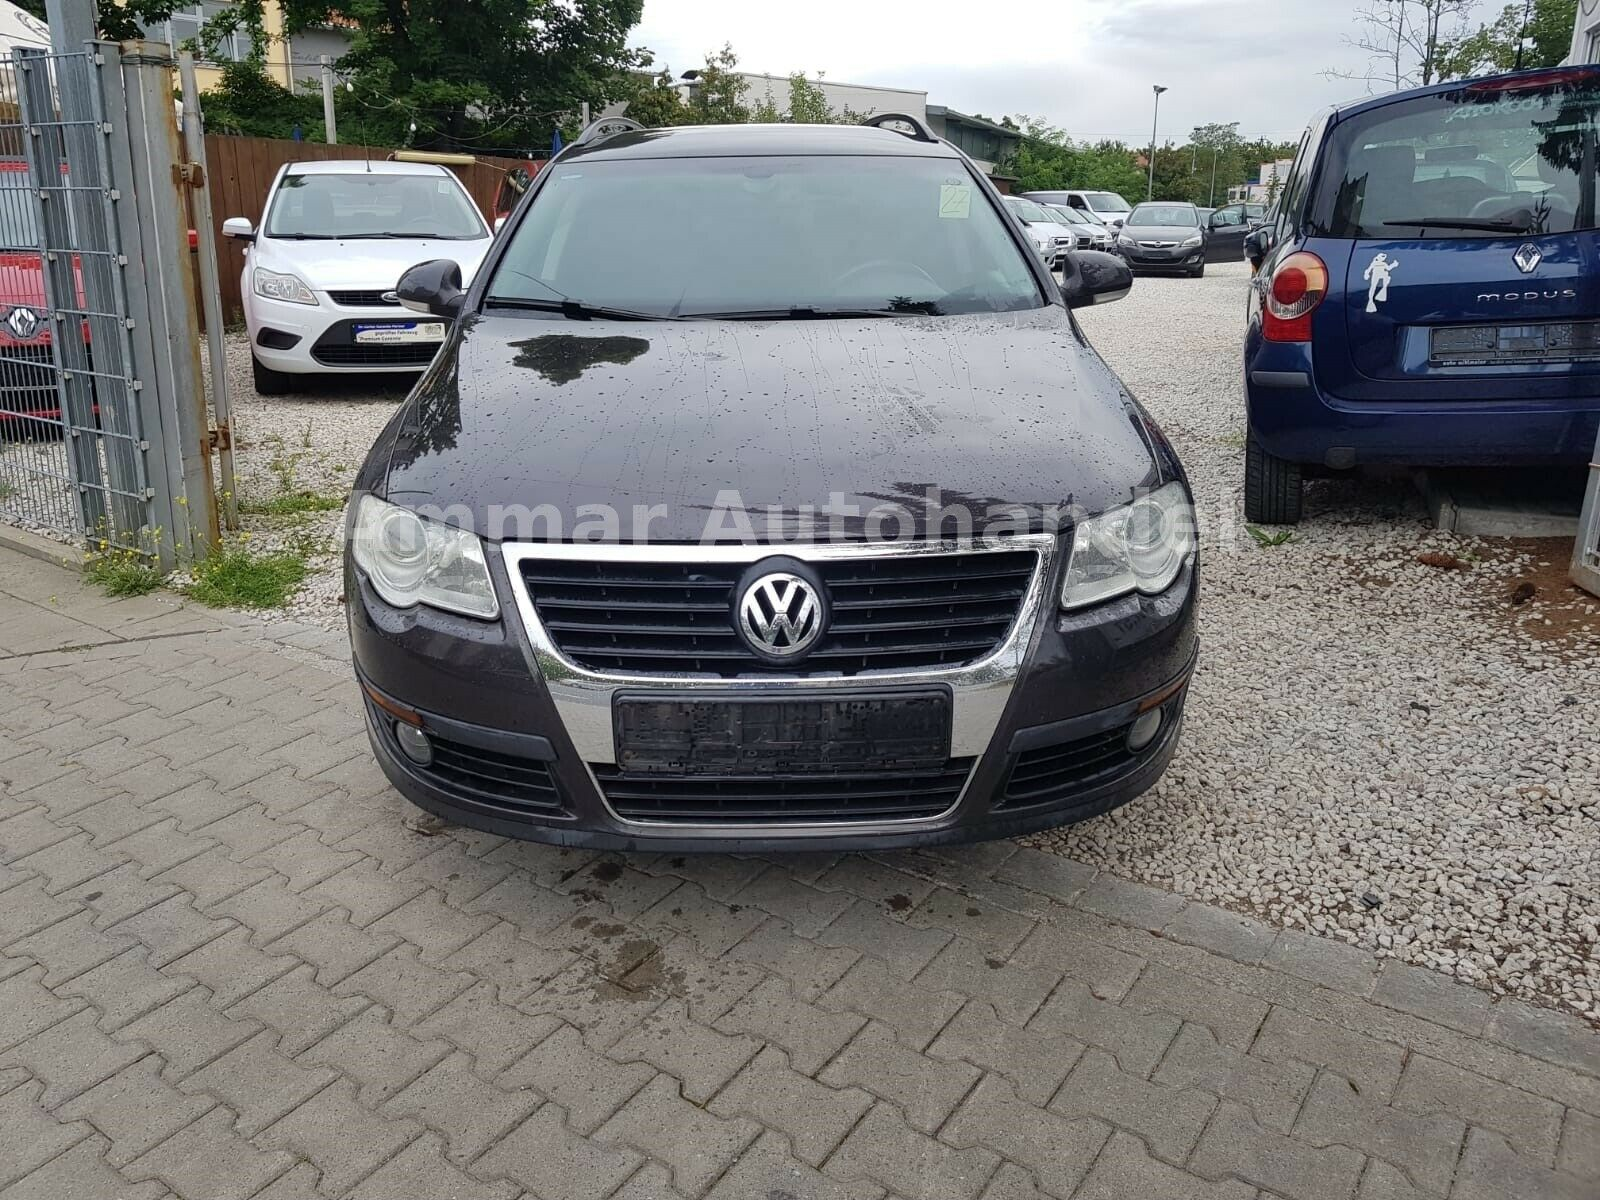 VW Passat Variant Trendline